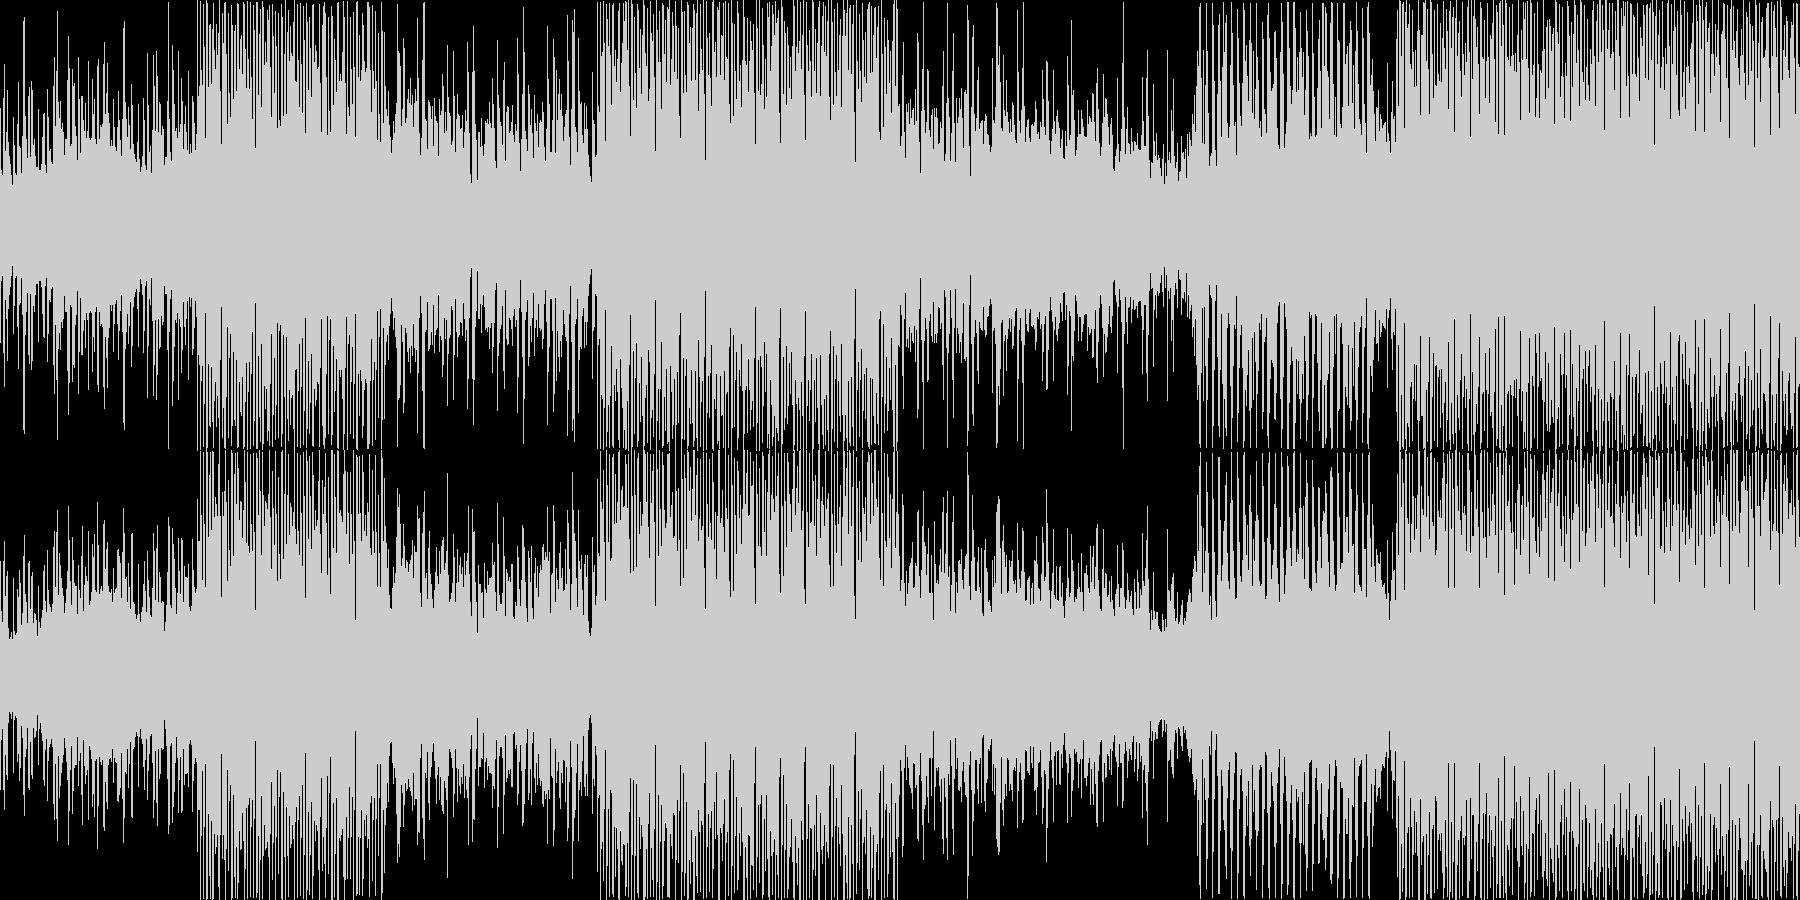 [少しふわふわしたクラブミュージック]の未再生の波形